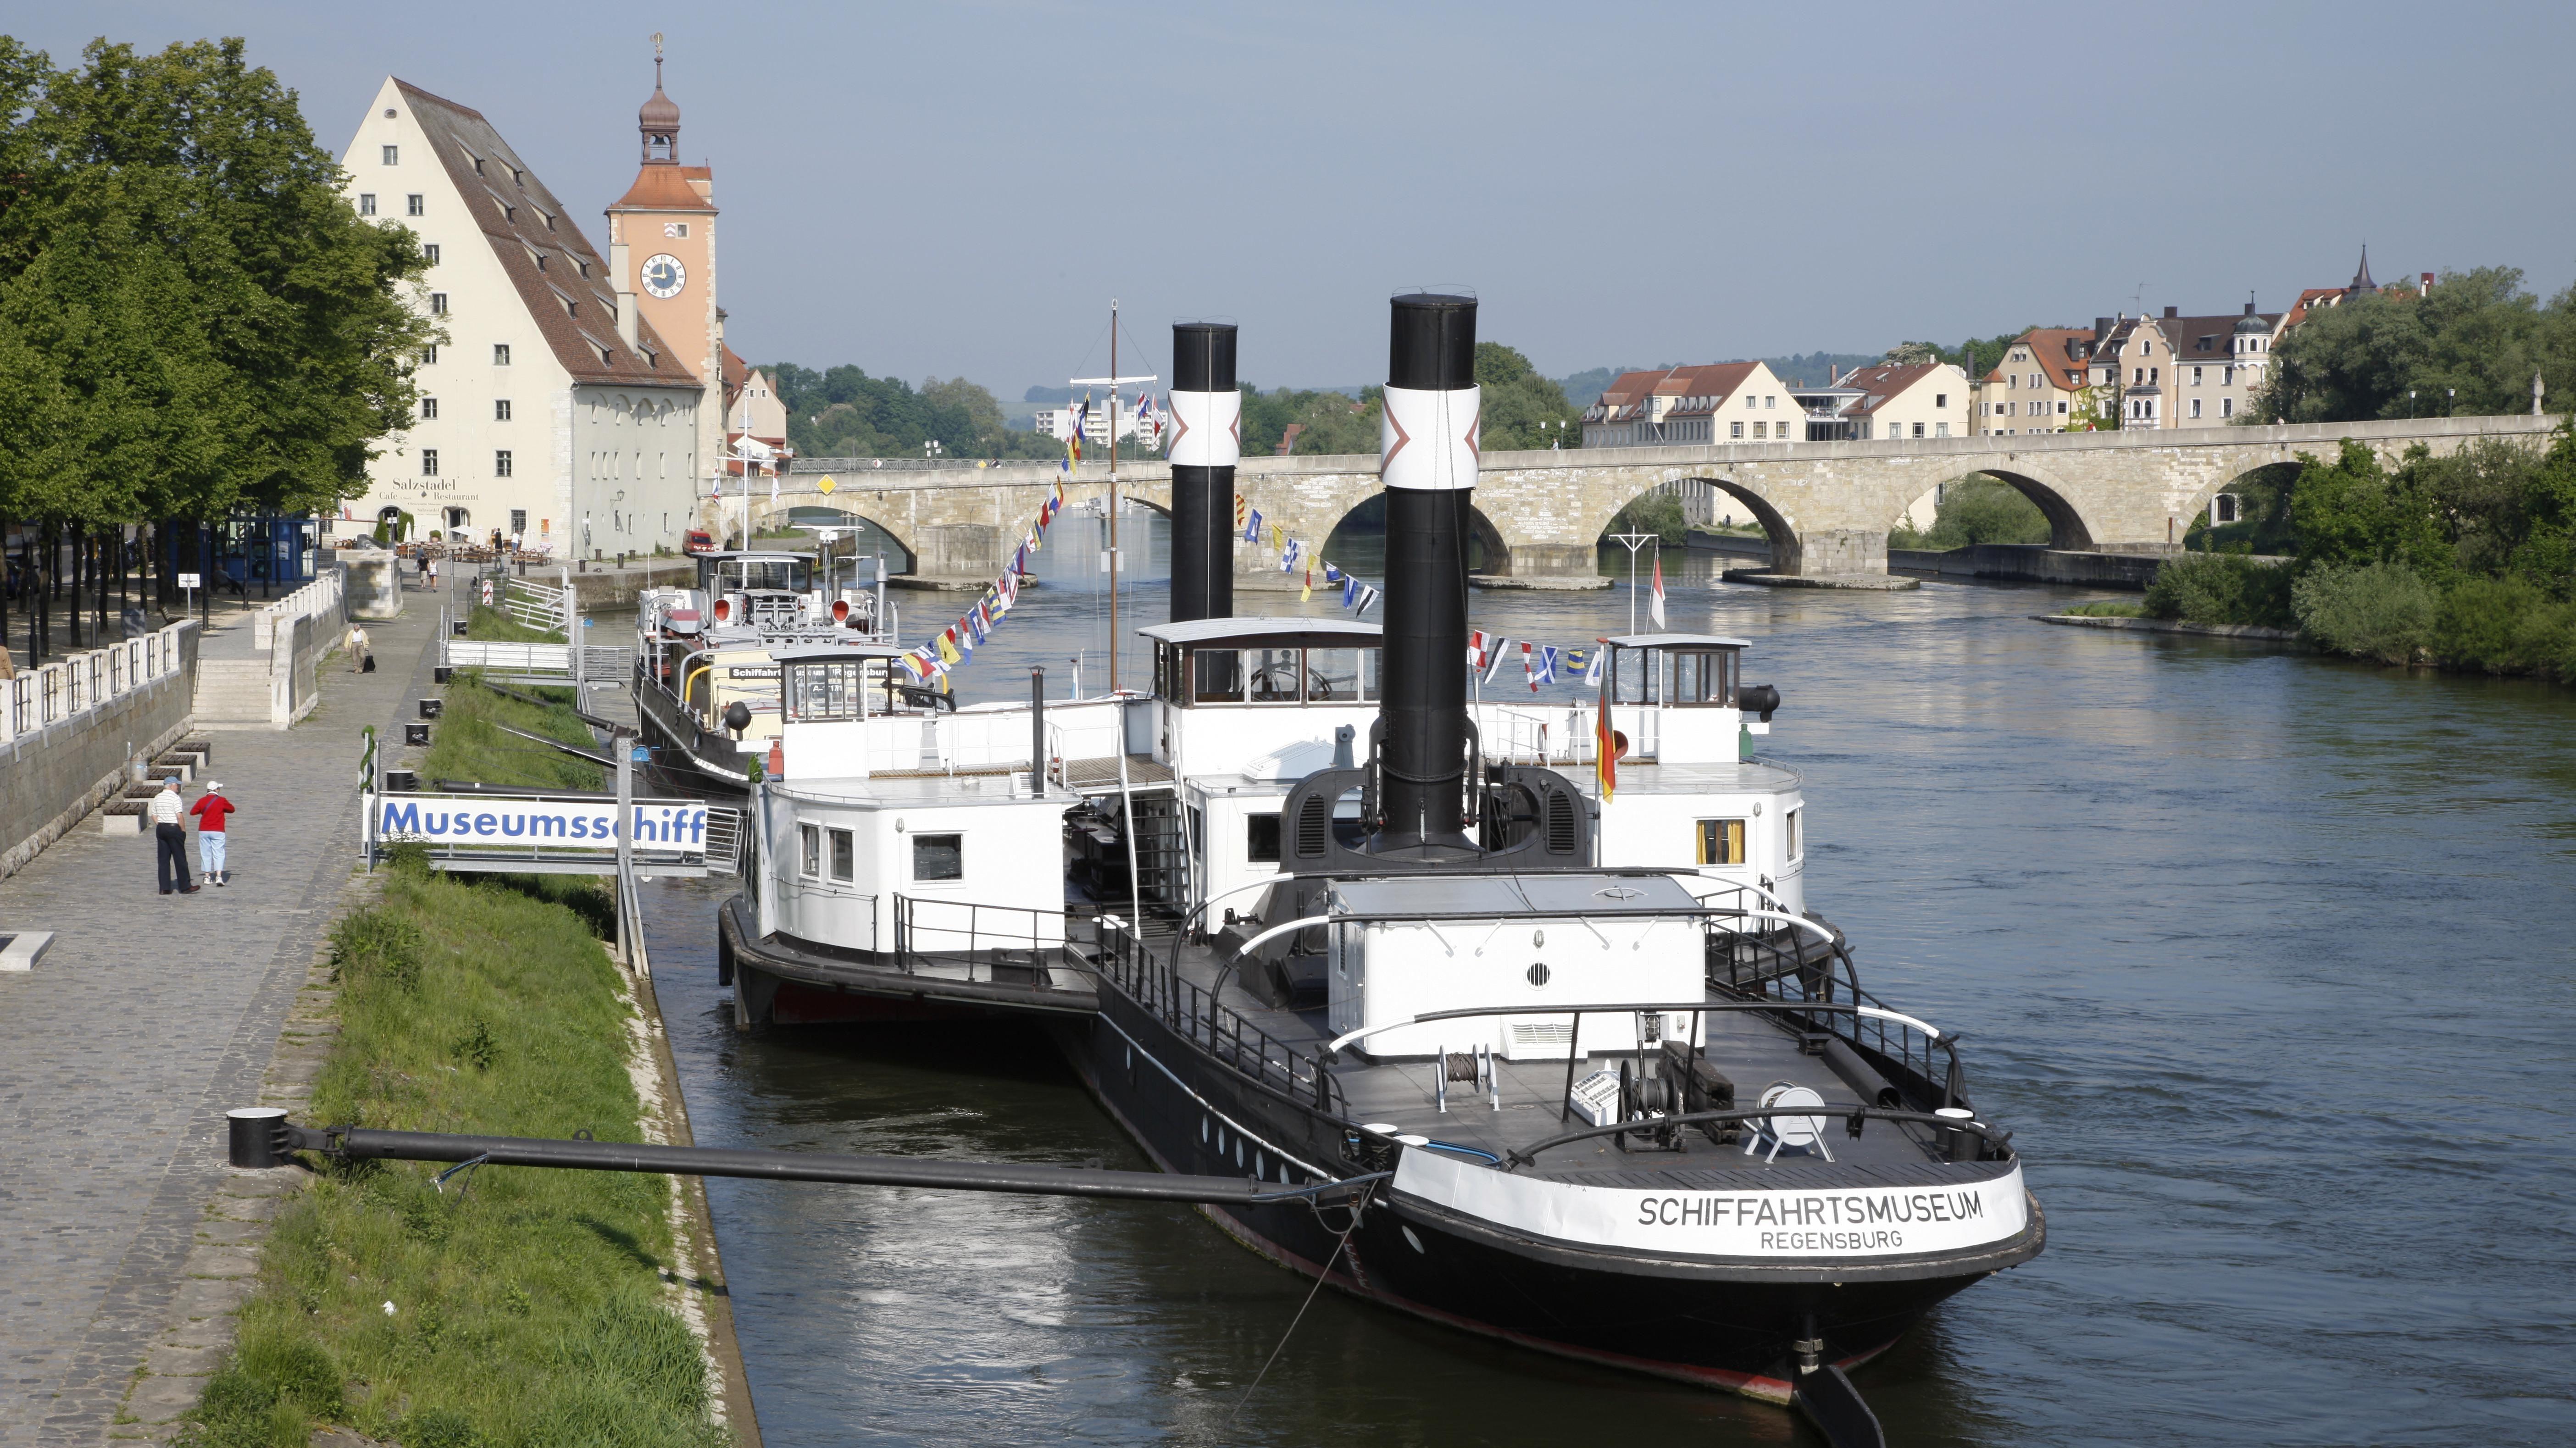 Eine 22-jährige Radfahrerin stürzte im Bereich der Anlegestelle Donaulände in die Donau und prallte mit dem Kopf gegen ein Schiff.